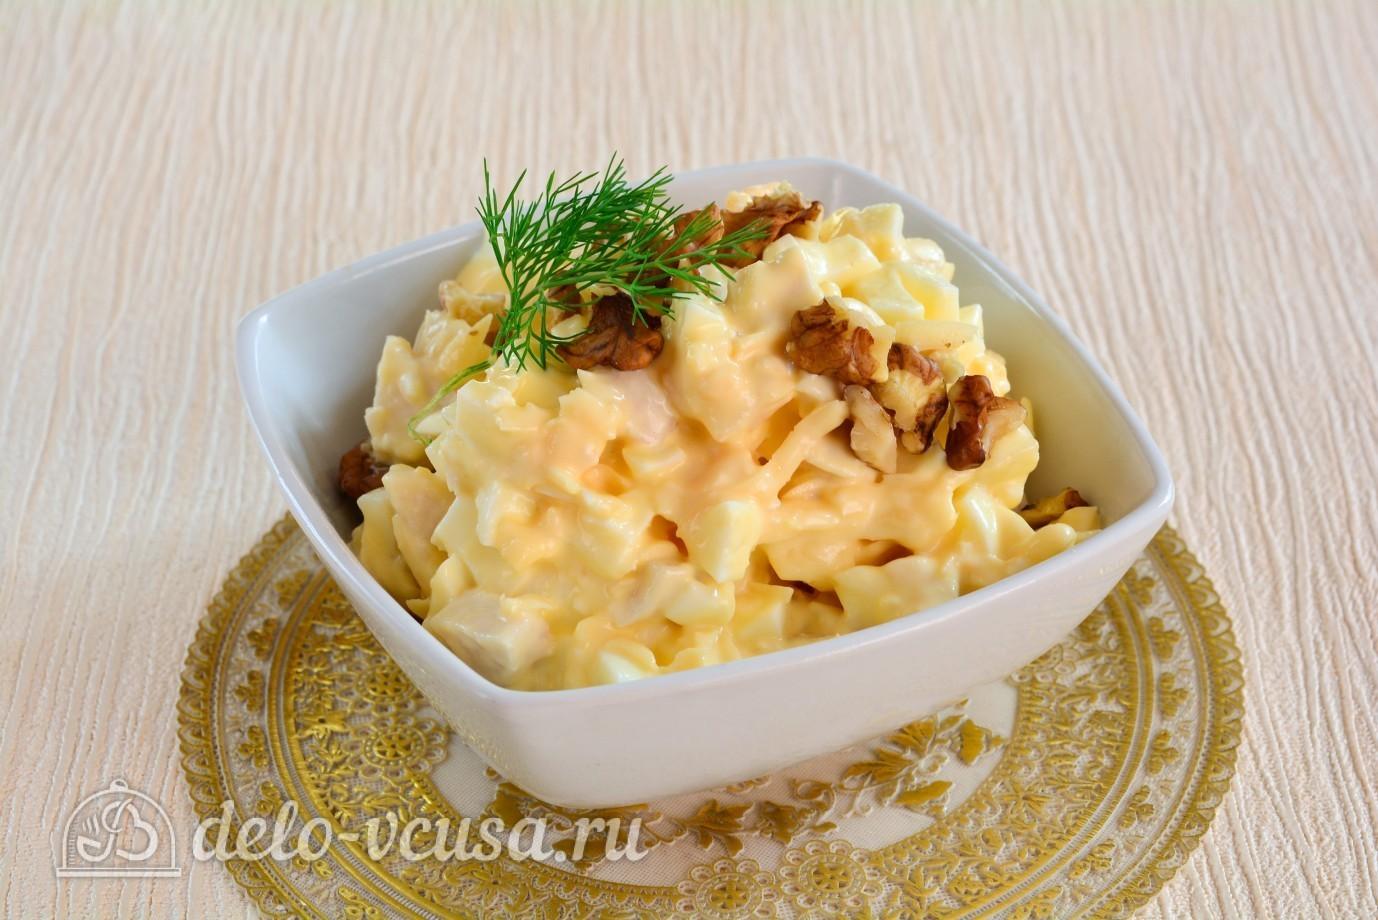 Салат с ананасами и курицей и грецкими орехами и грибами рецепт с в